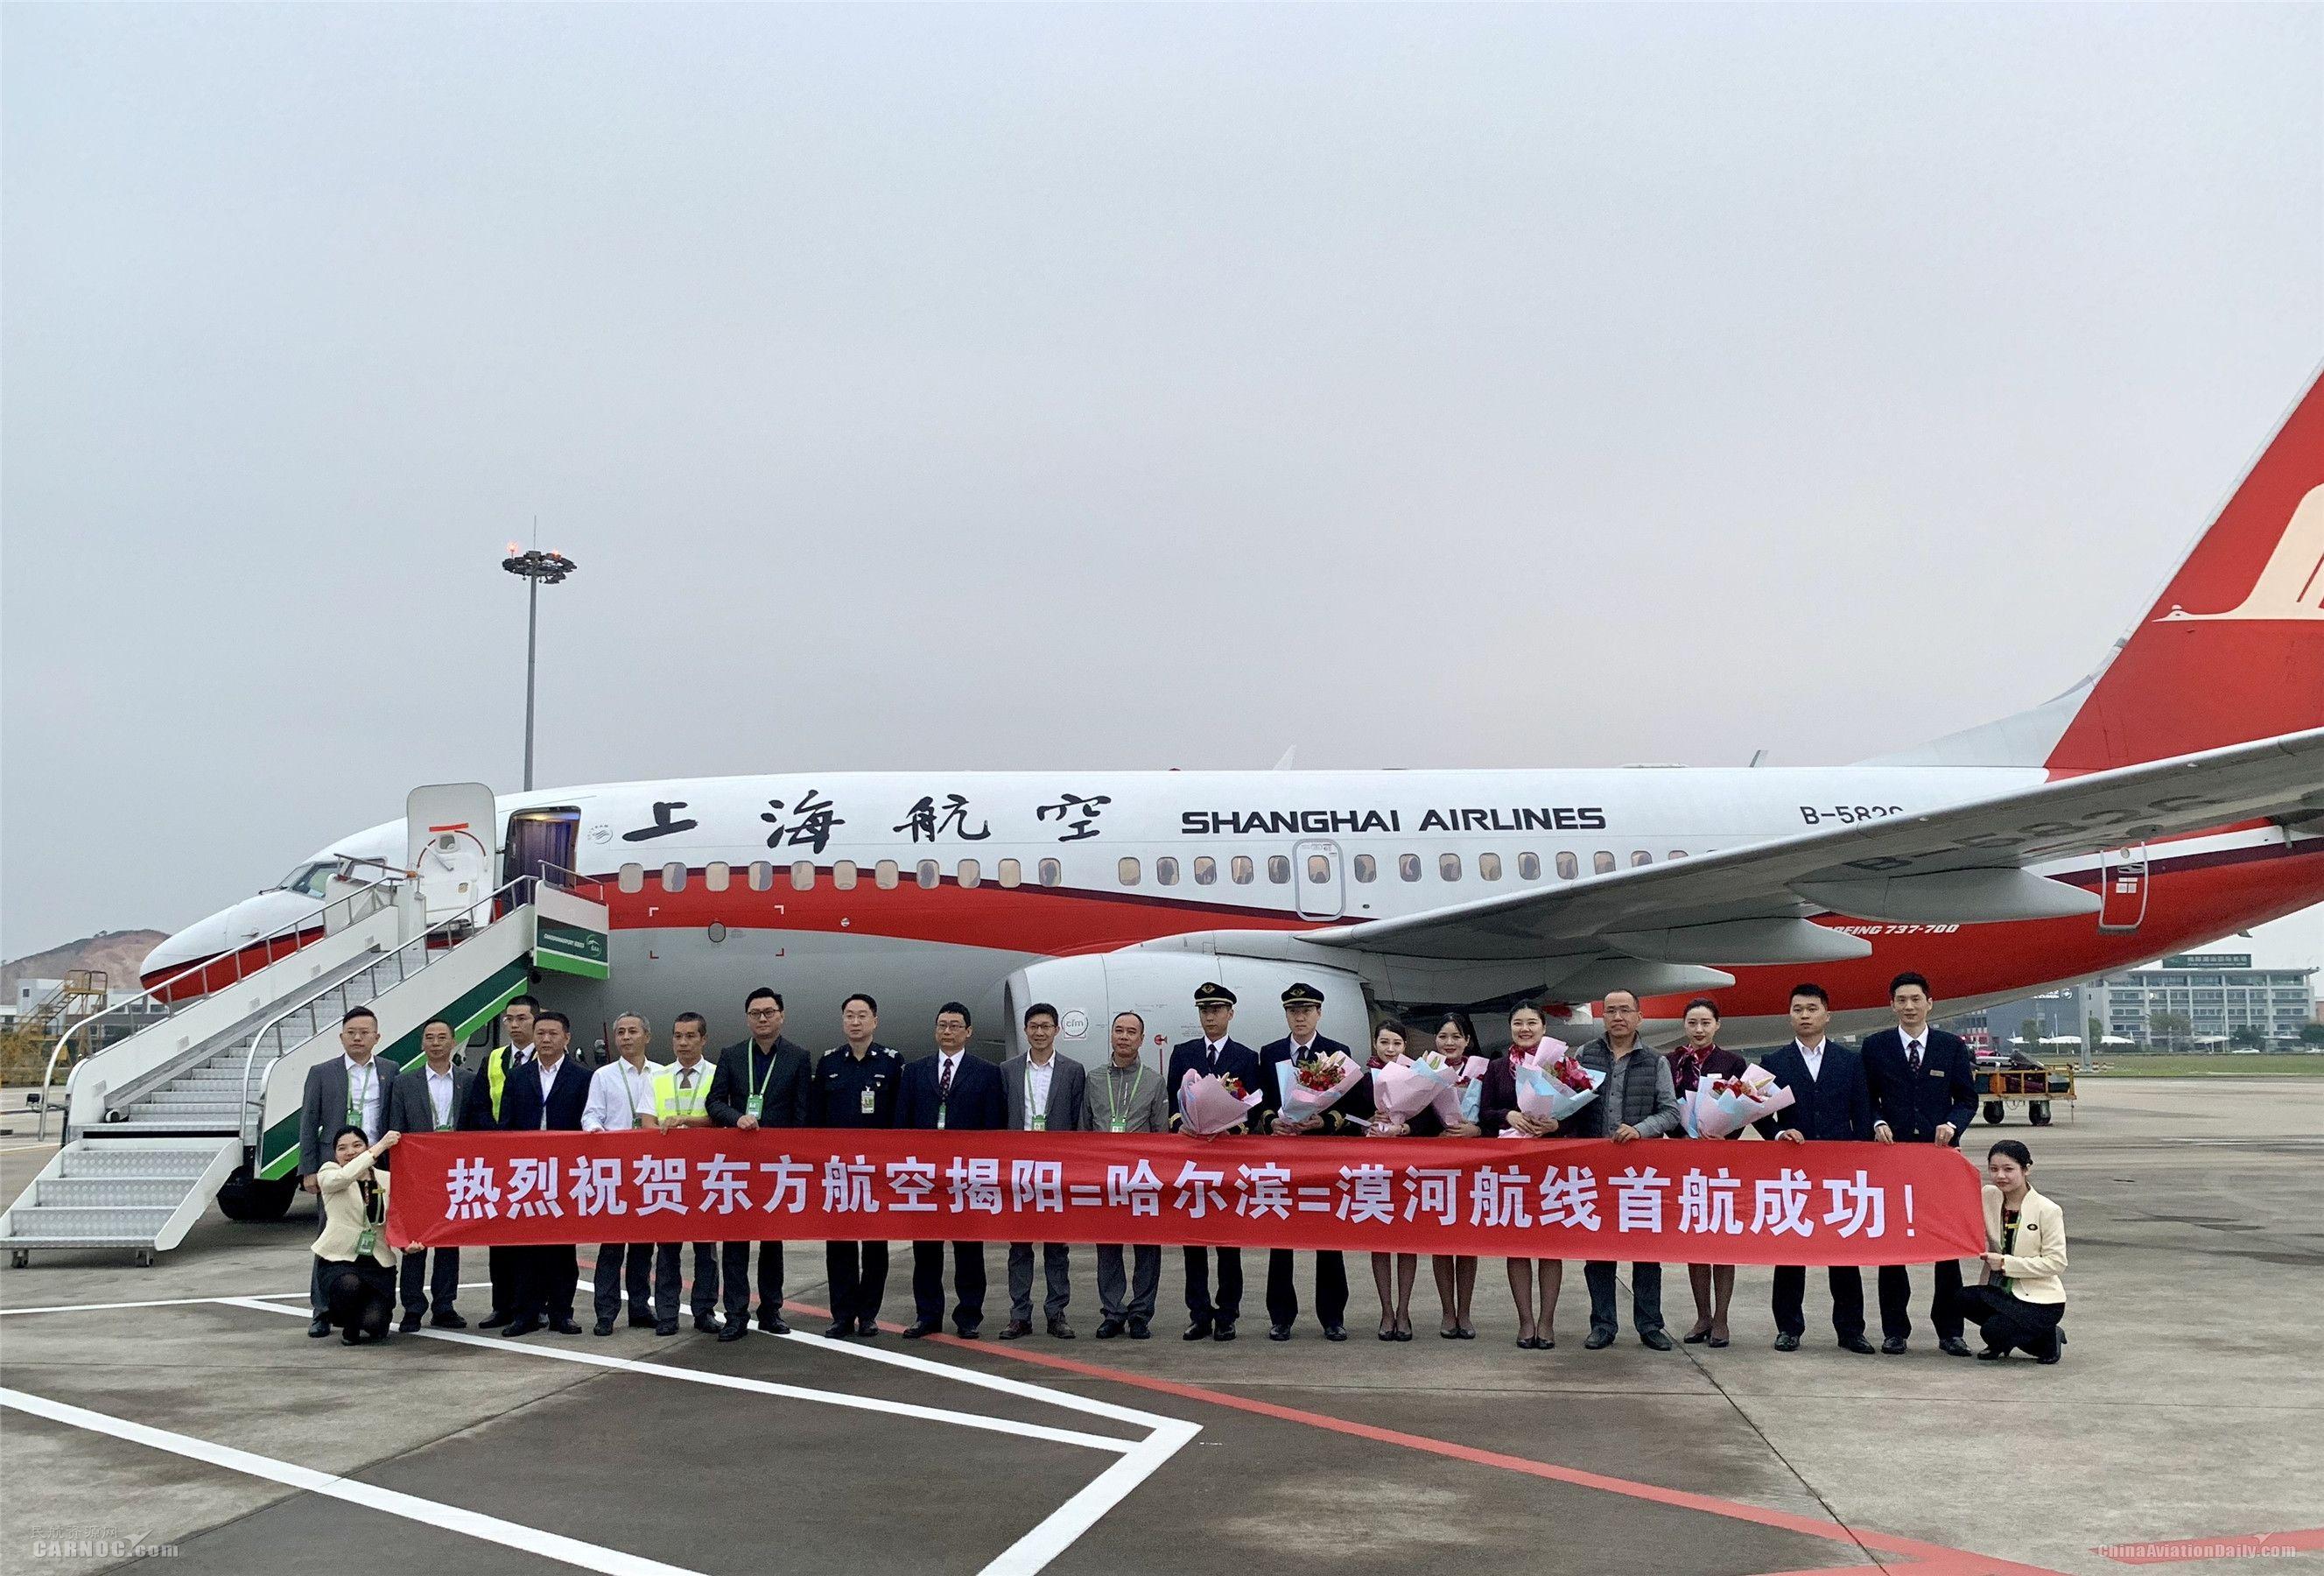 揭阳潮汕机场开通揭阳直达漠河航线